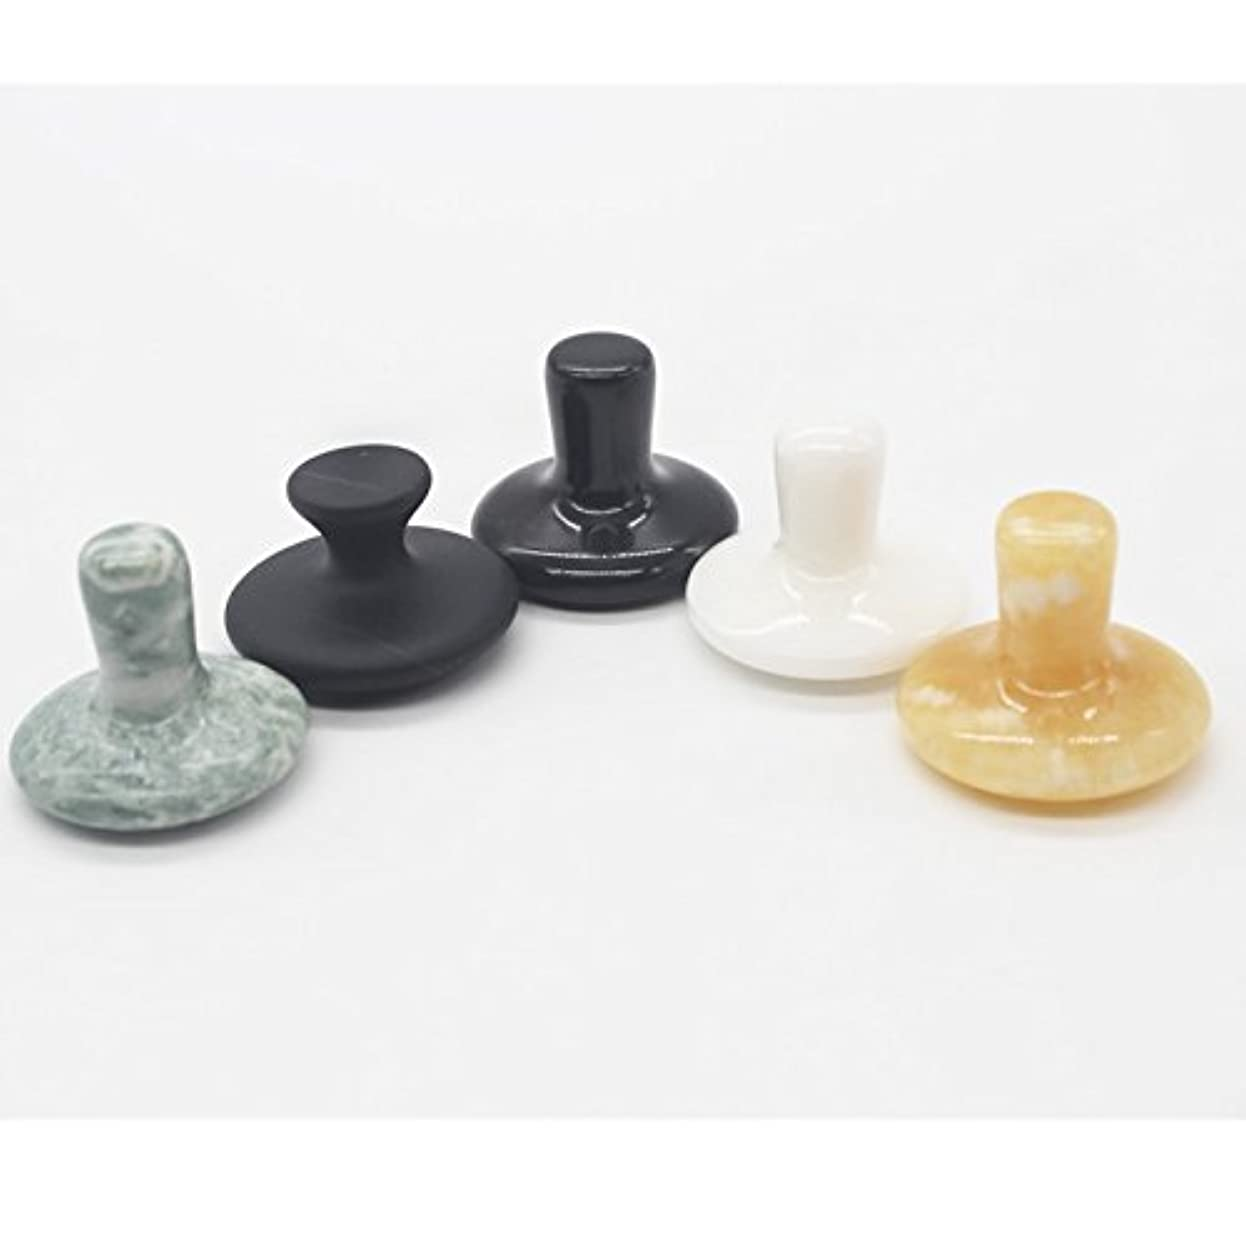 マウントスラック振る舞う5点セット天然石キノコ,しいたけの形状のマッサージ棒 足つぼ?手のひら かっさホットストーンHOT STONES Mushroom shape Natural massage Gua Sha Stone 5 pieces